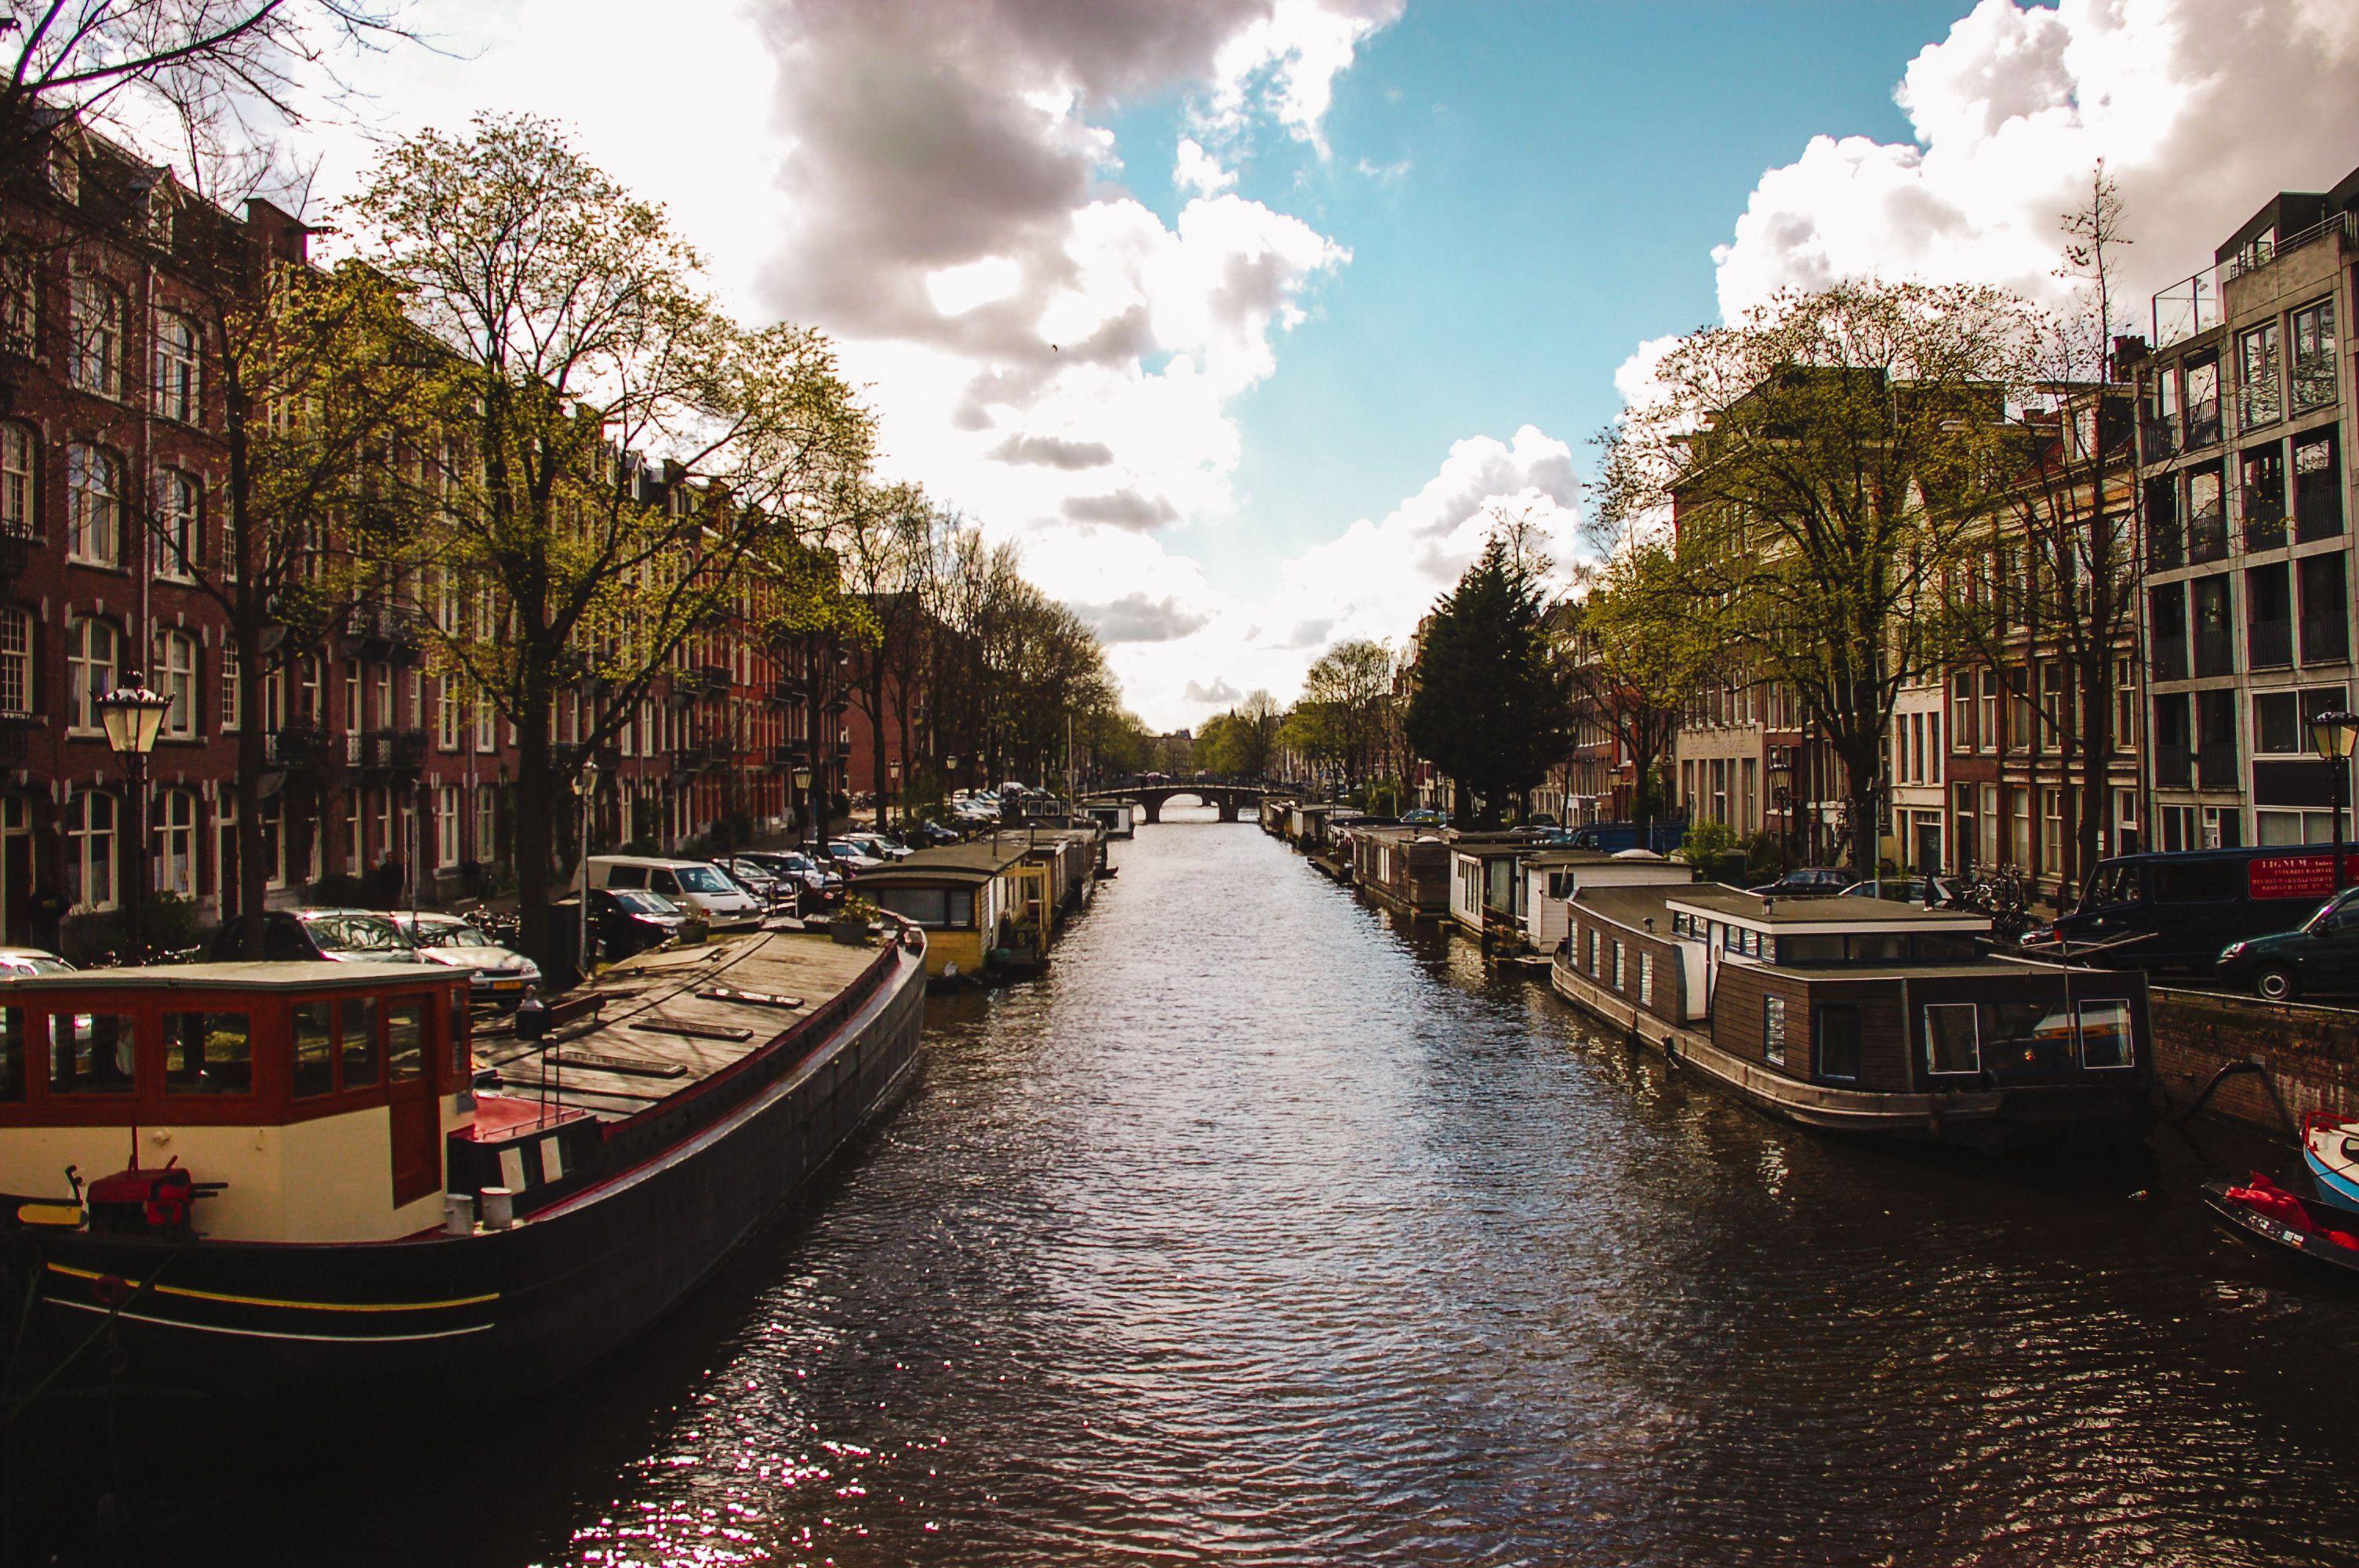 Un canal en Amsterdam bordeado de casas flotantes atracadas